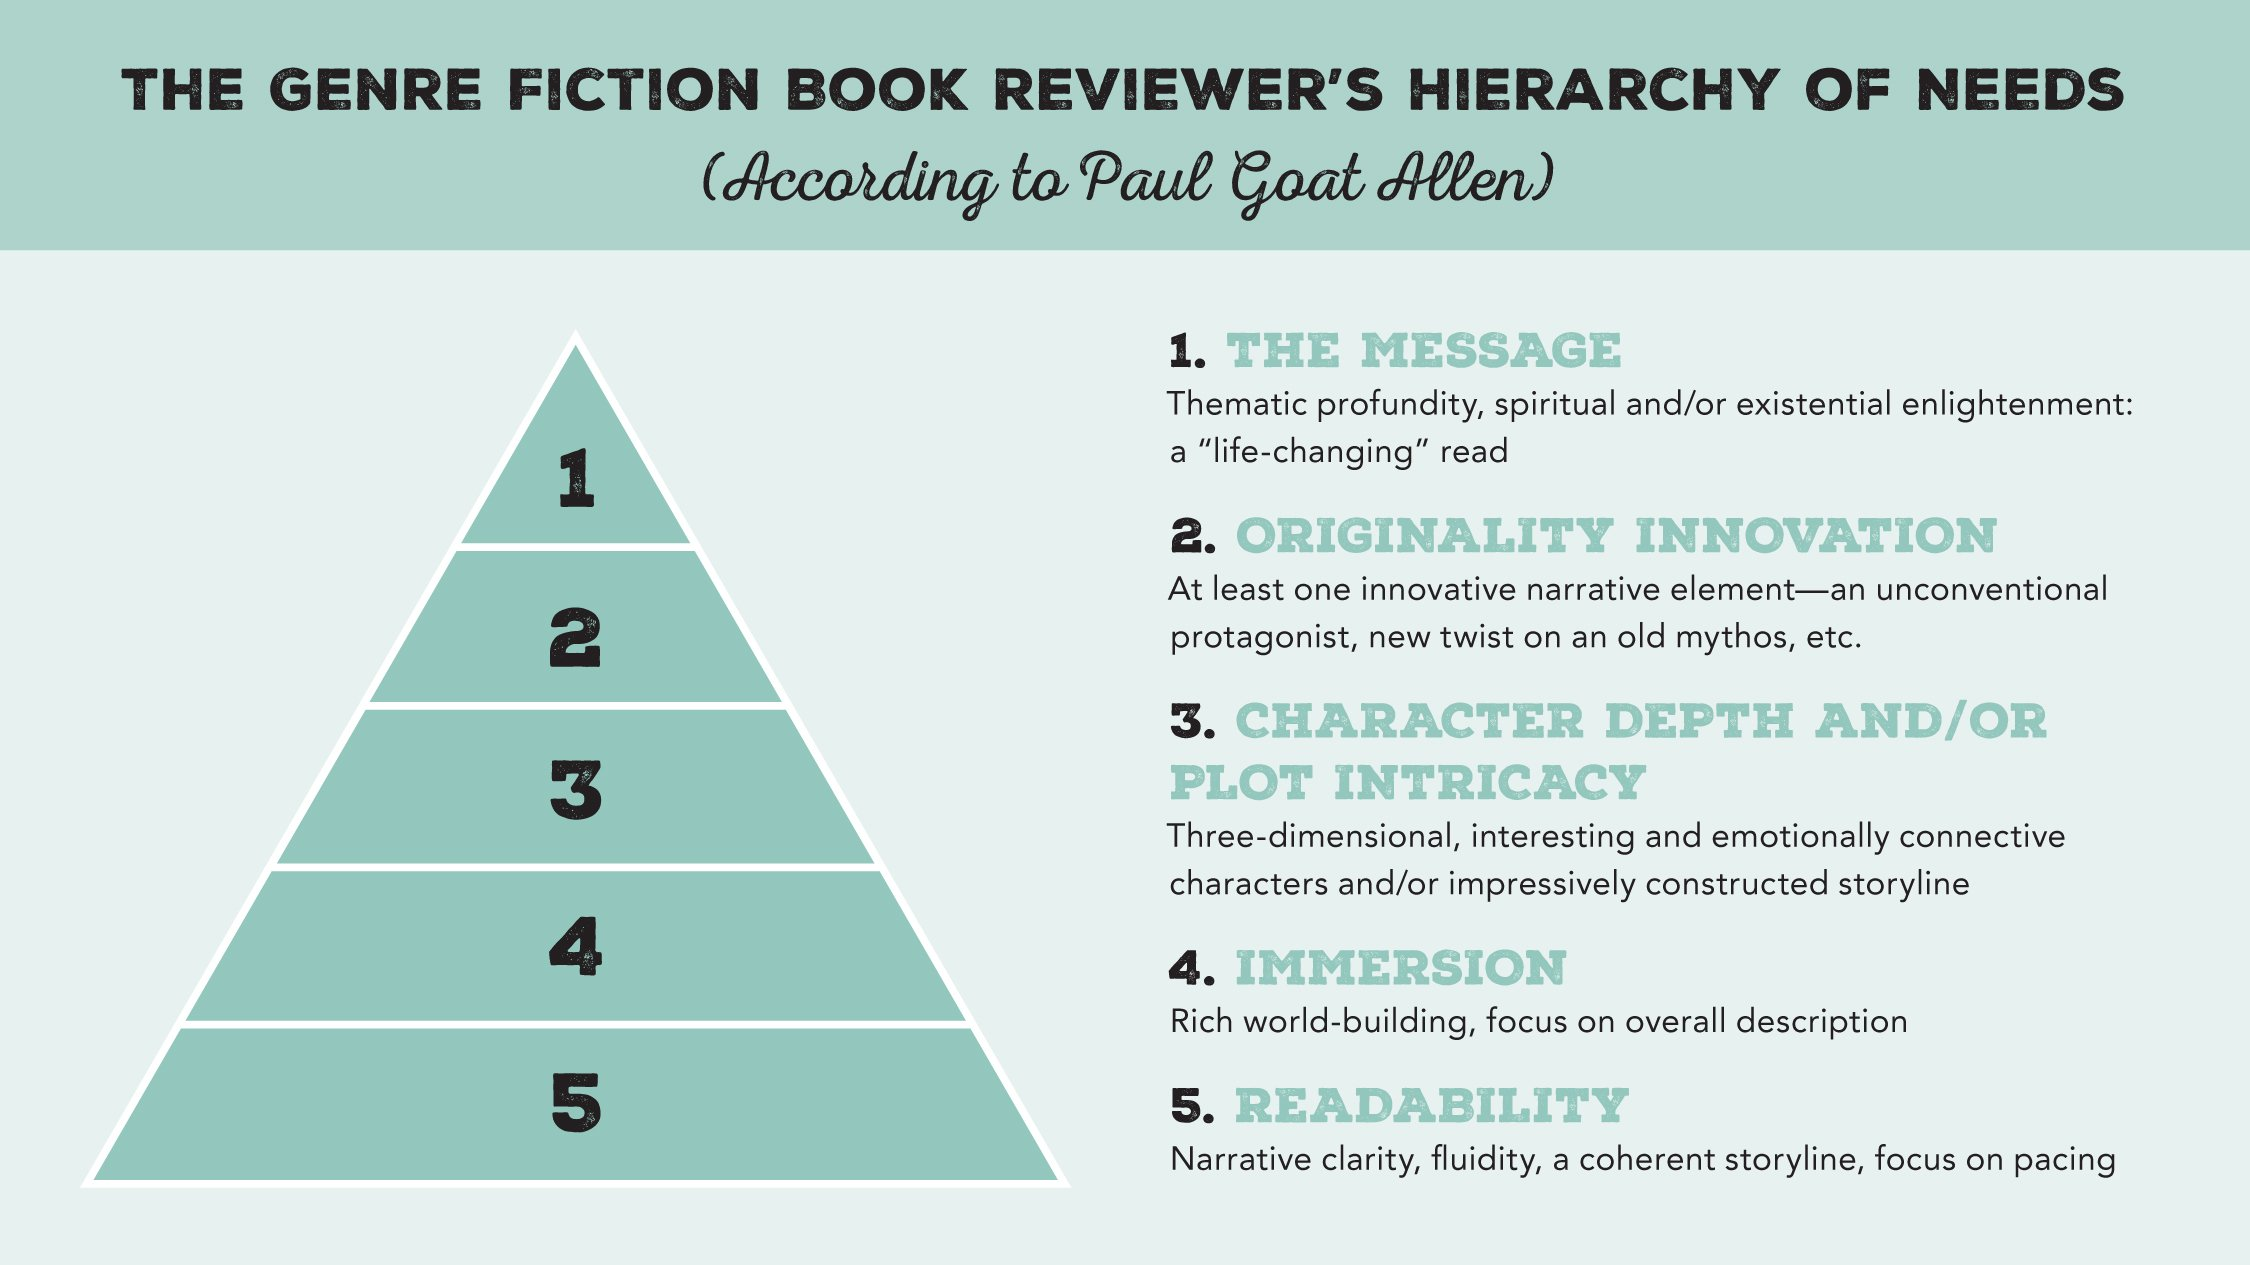 La gerarchia dei bisogni del lettore